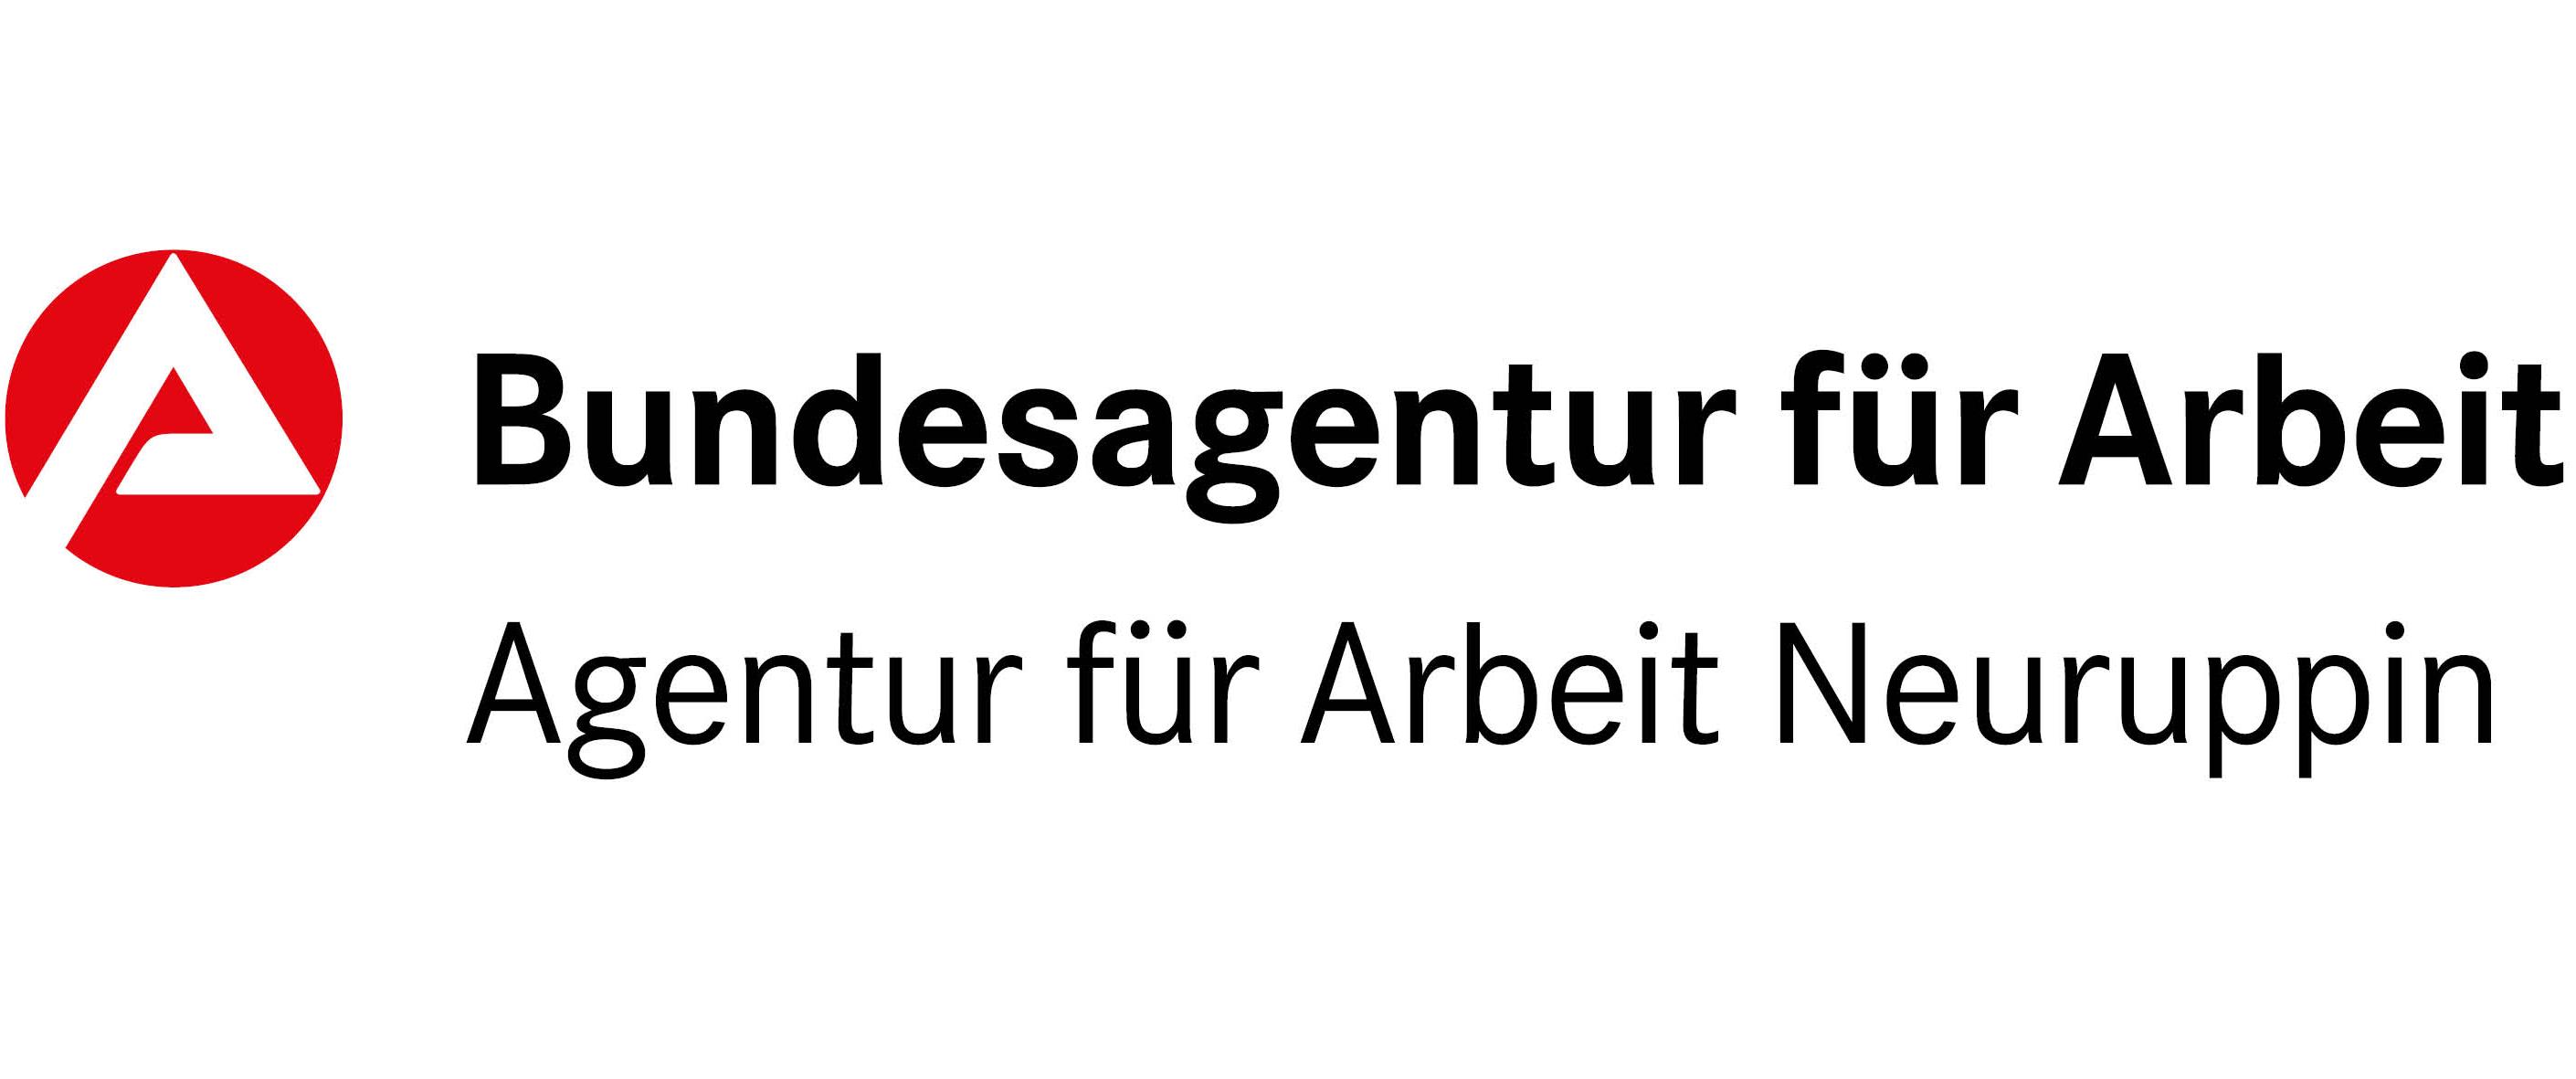 Agentur für Arbeit Neuruppin